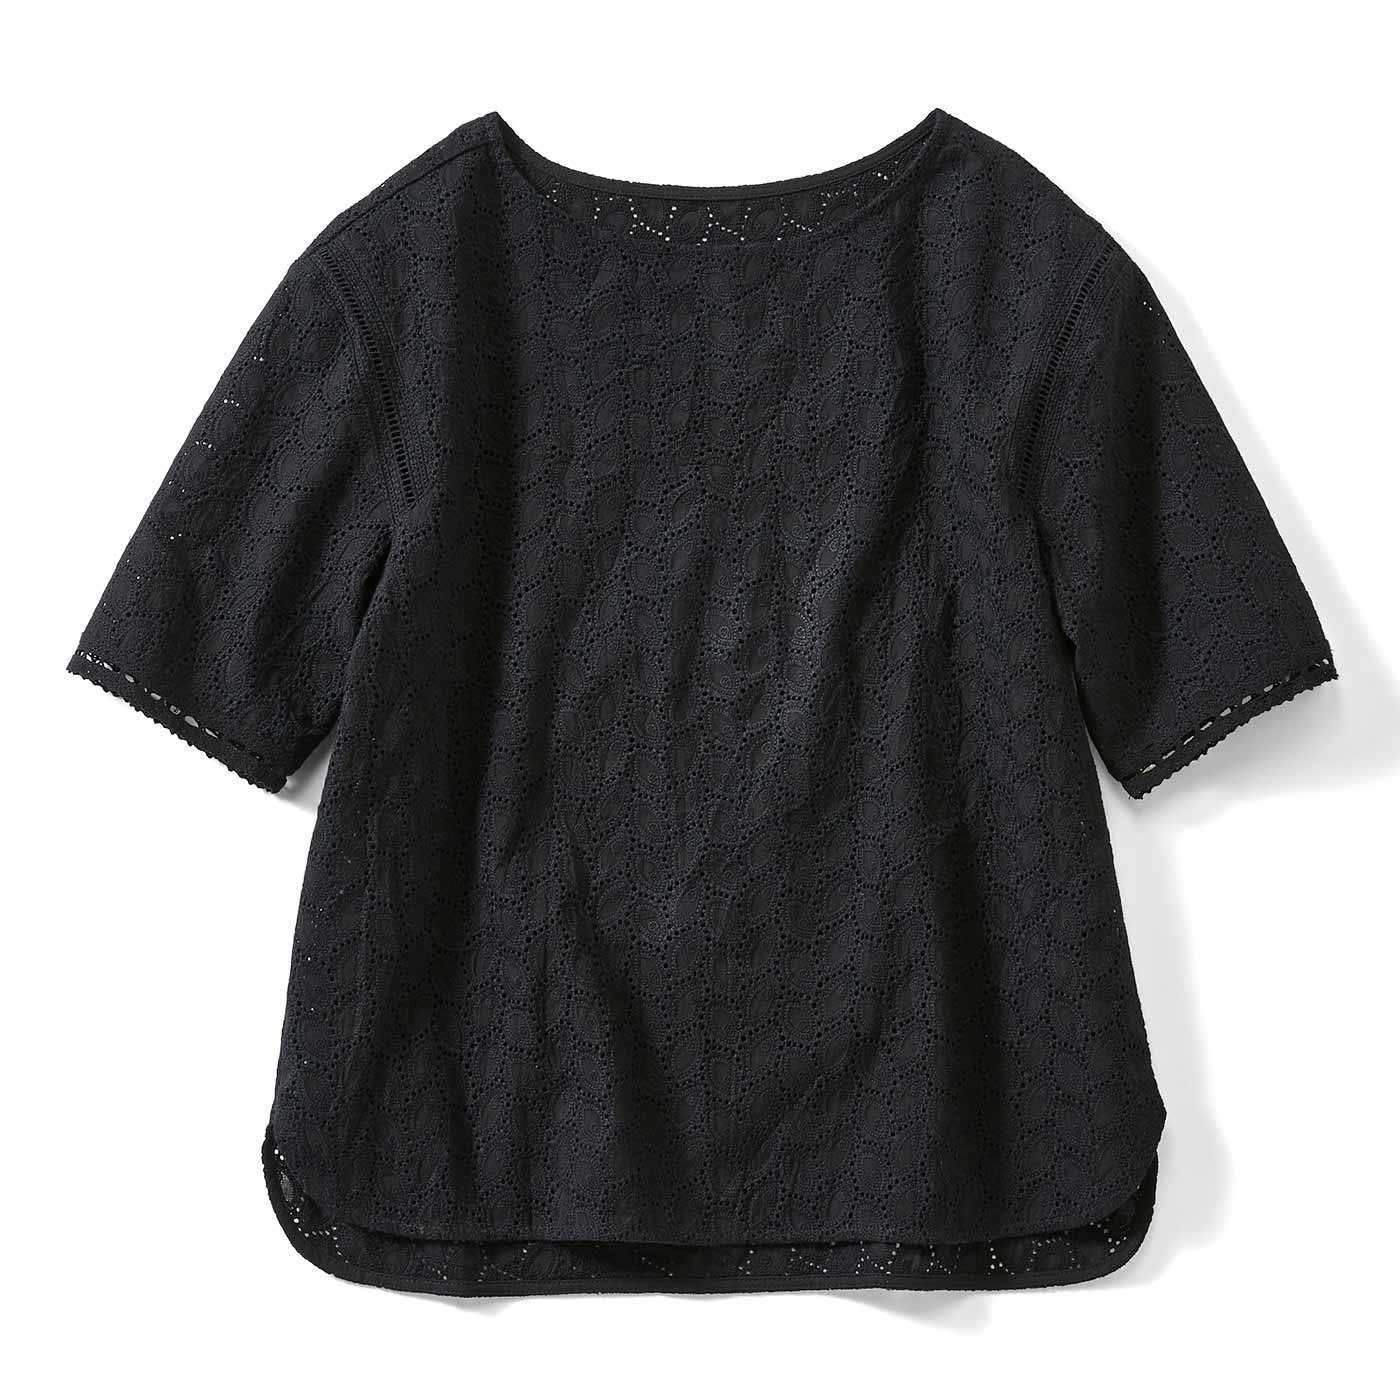 IEDIT[イディット] Tシャツ感覚で華やぐ総レーストップス〈ブラック〉